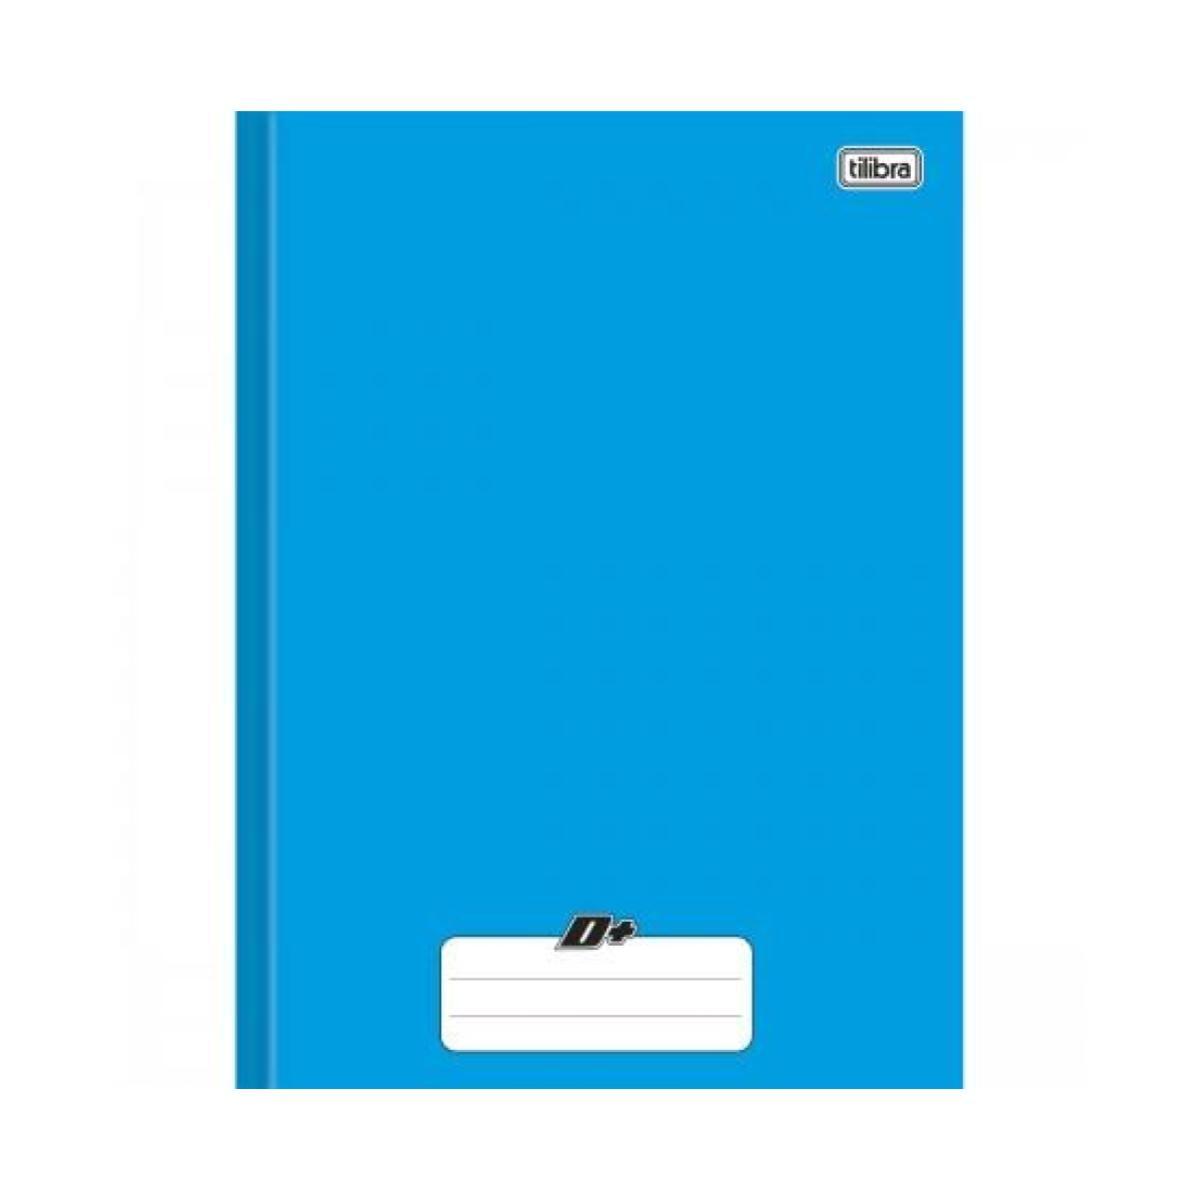 Caderno D+ Brochurão Capa Dura 96 Folhas Tilibra